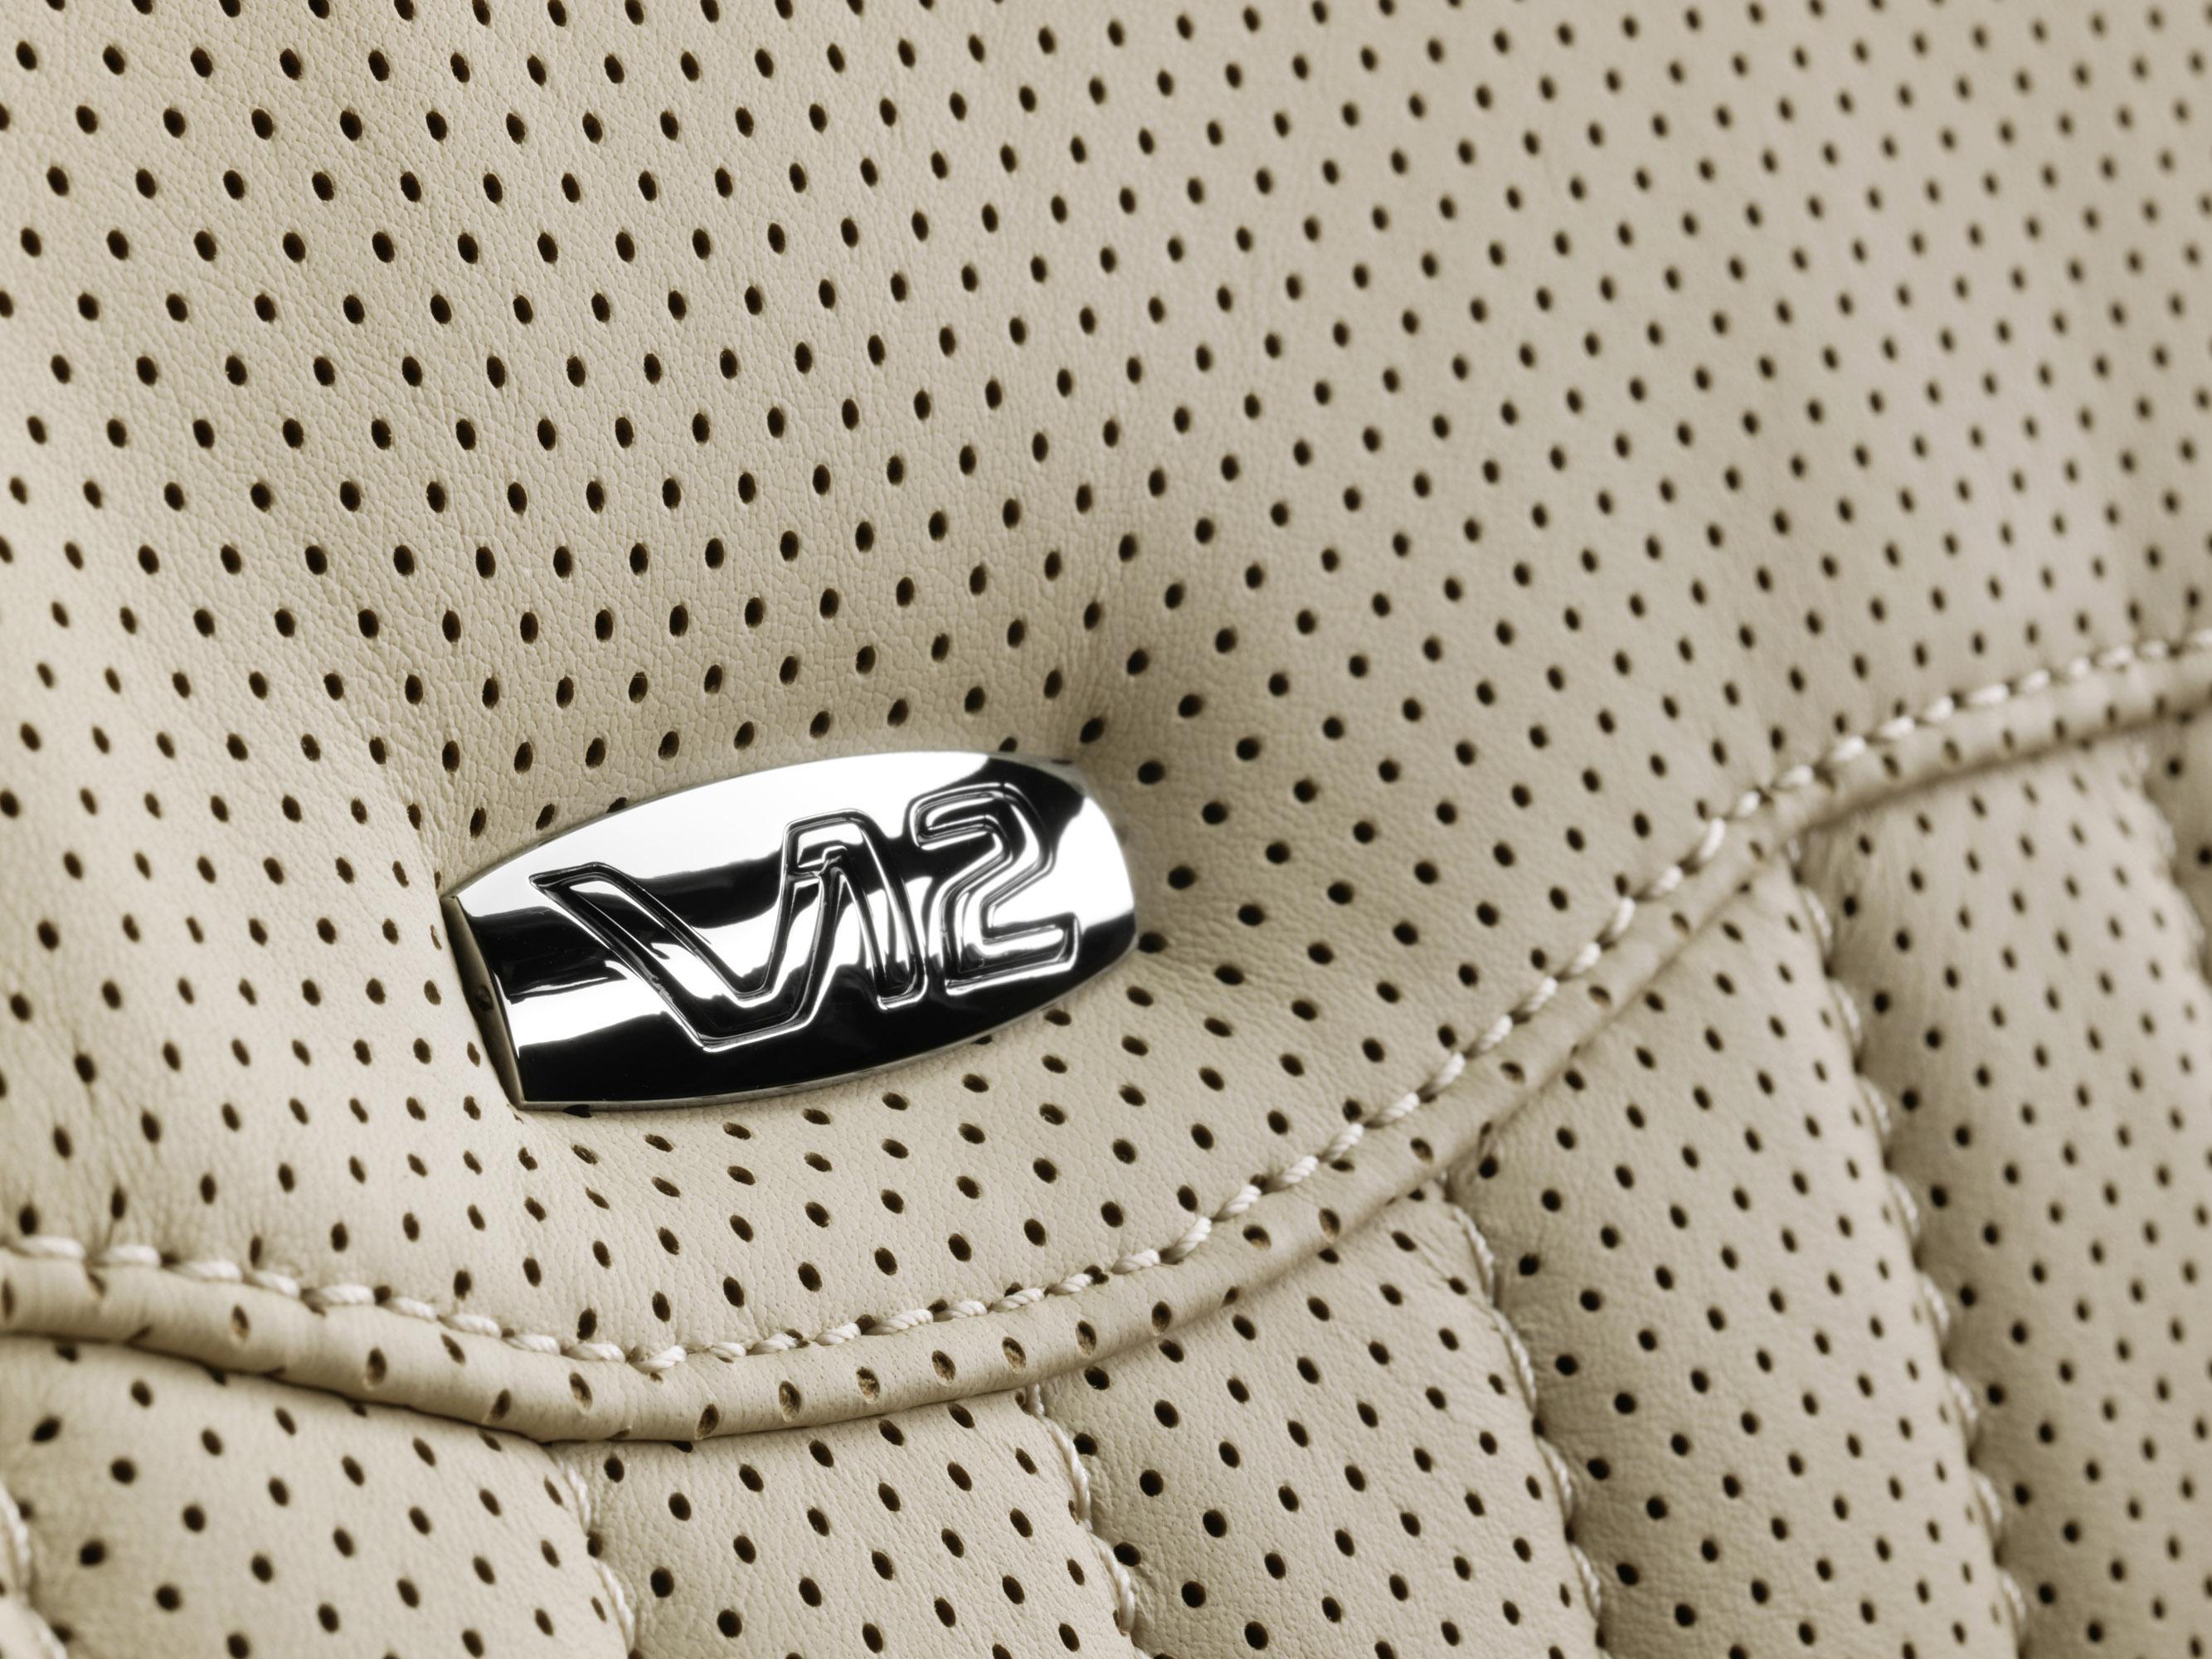 2011 Mercedes-Benz CL-Class сочетает в себе новейшие технологии с повышенной комфортности - фотография №27